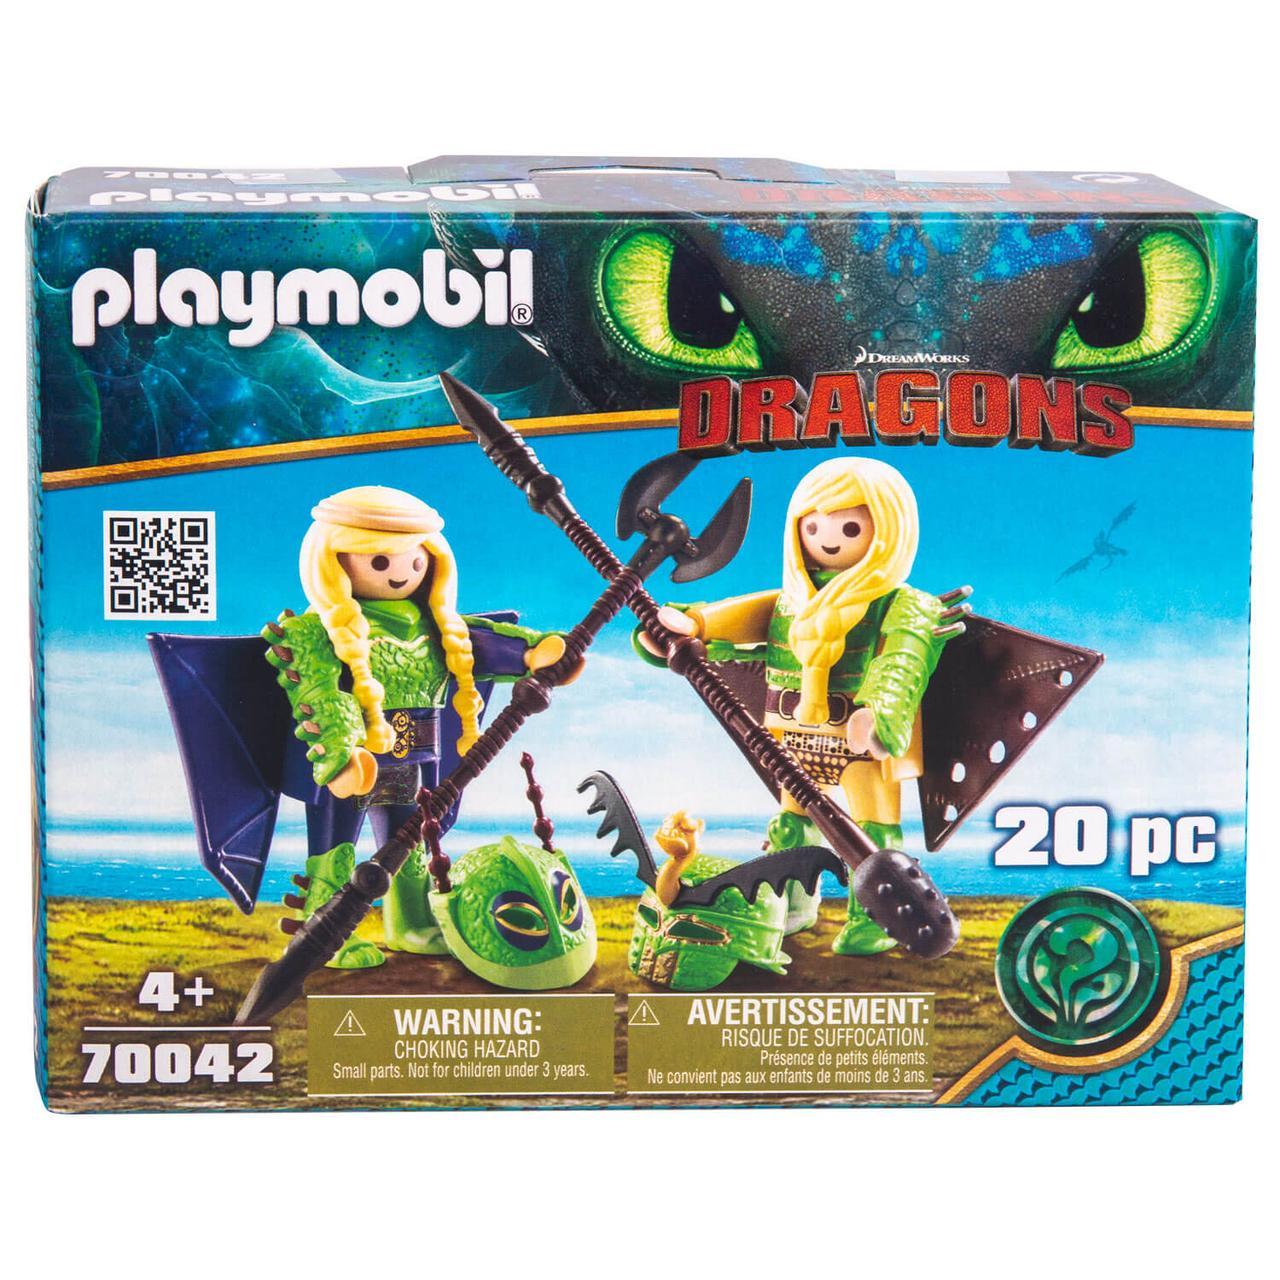 Конструктор Playmobil Драконы III: Забияка и Задирака в летном костюме - фото 1